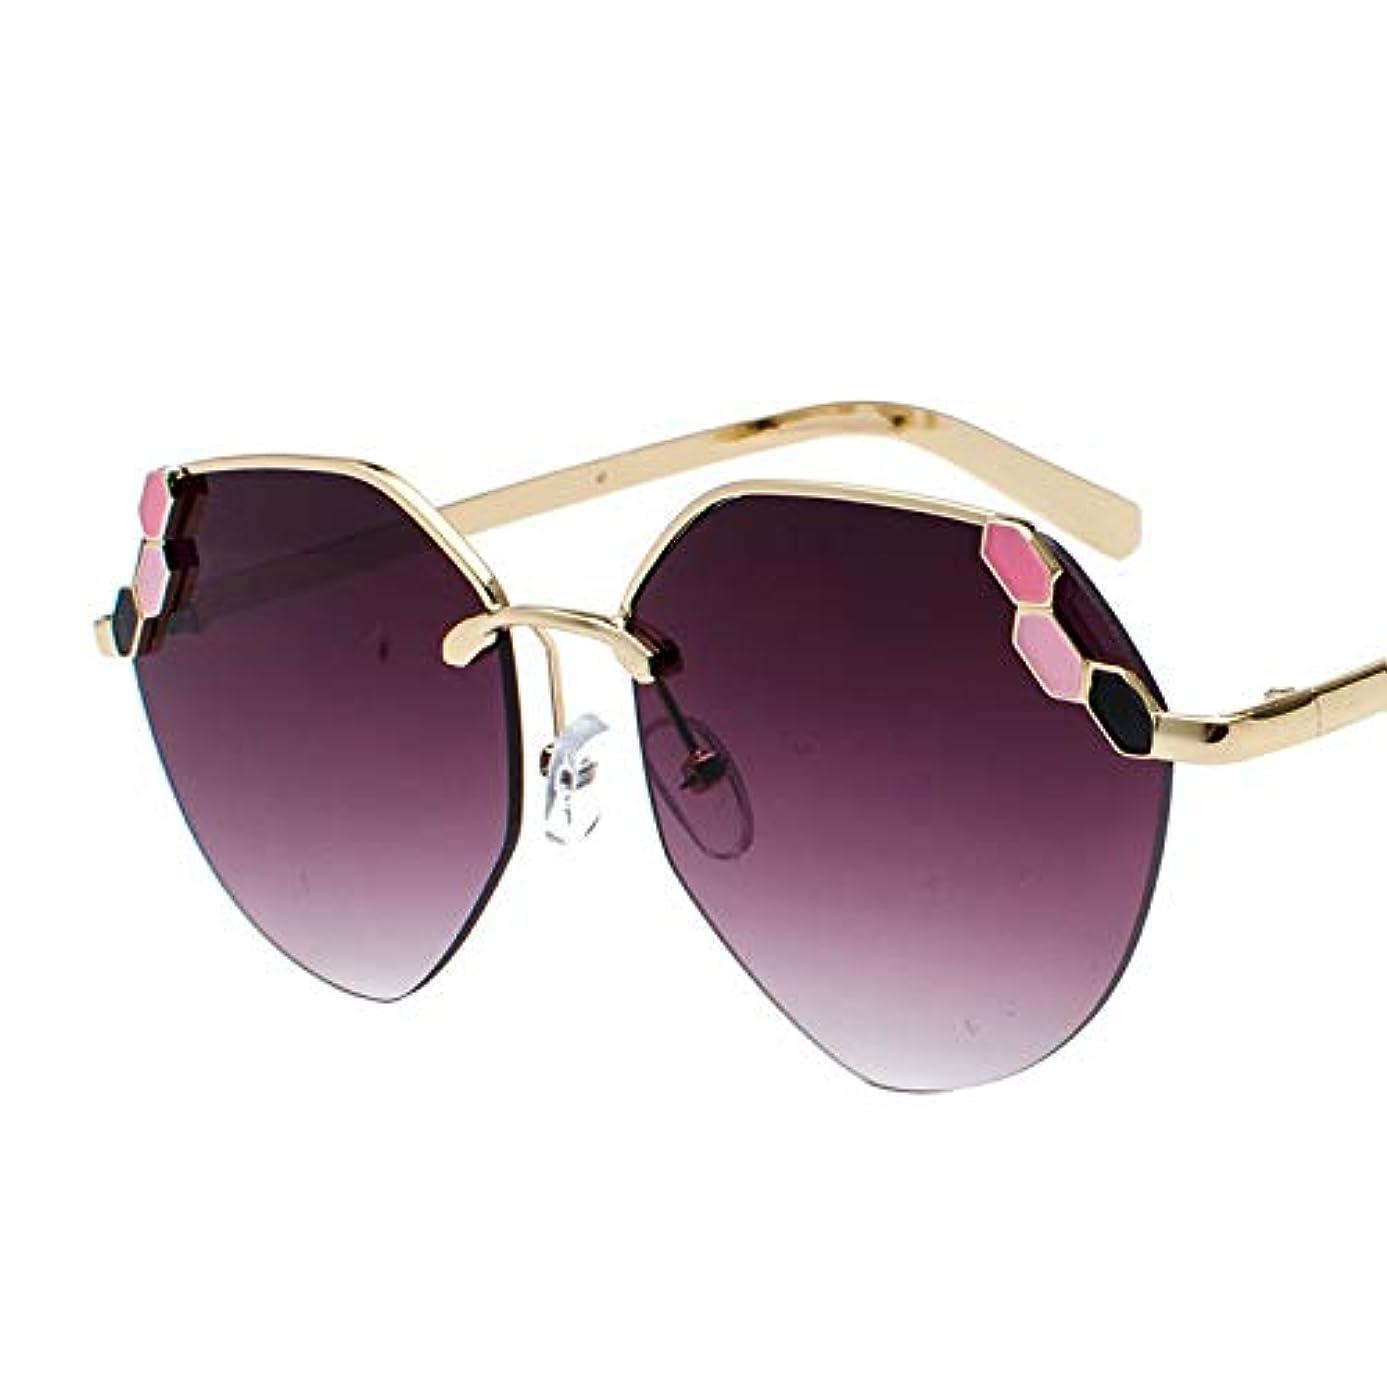 推進、動かすボイコット言い換えるとJPLLYY サングラス メンズ メガネ 運転 紫外線カット 軽量 ゴルフ 釣り スキー ユニセックス スポーツサングラス (Color : D)